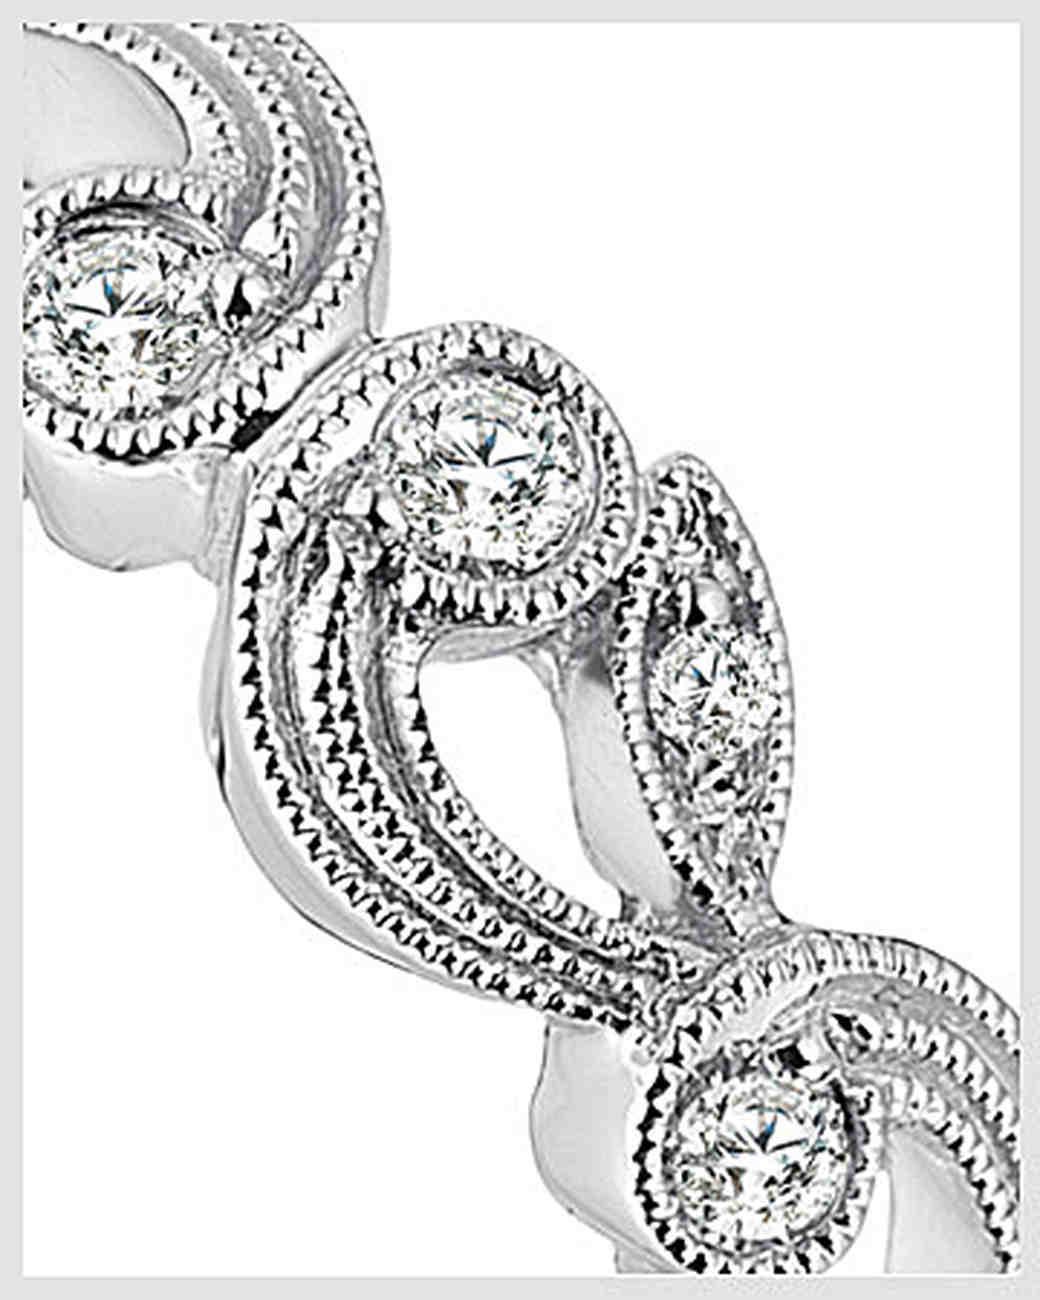 pgi-band-jewelry-finder-0413-2.jpg